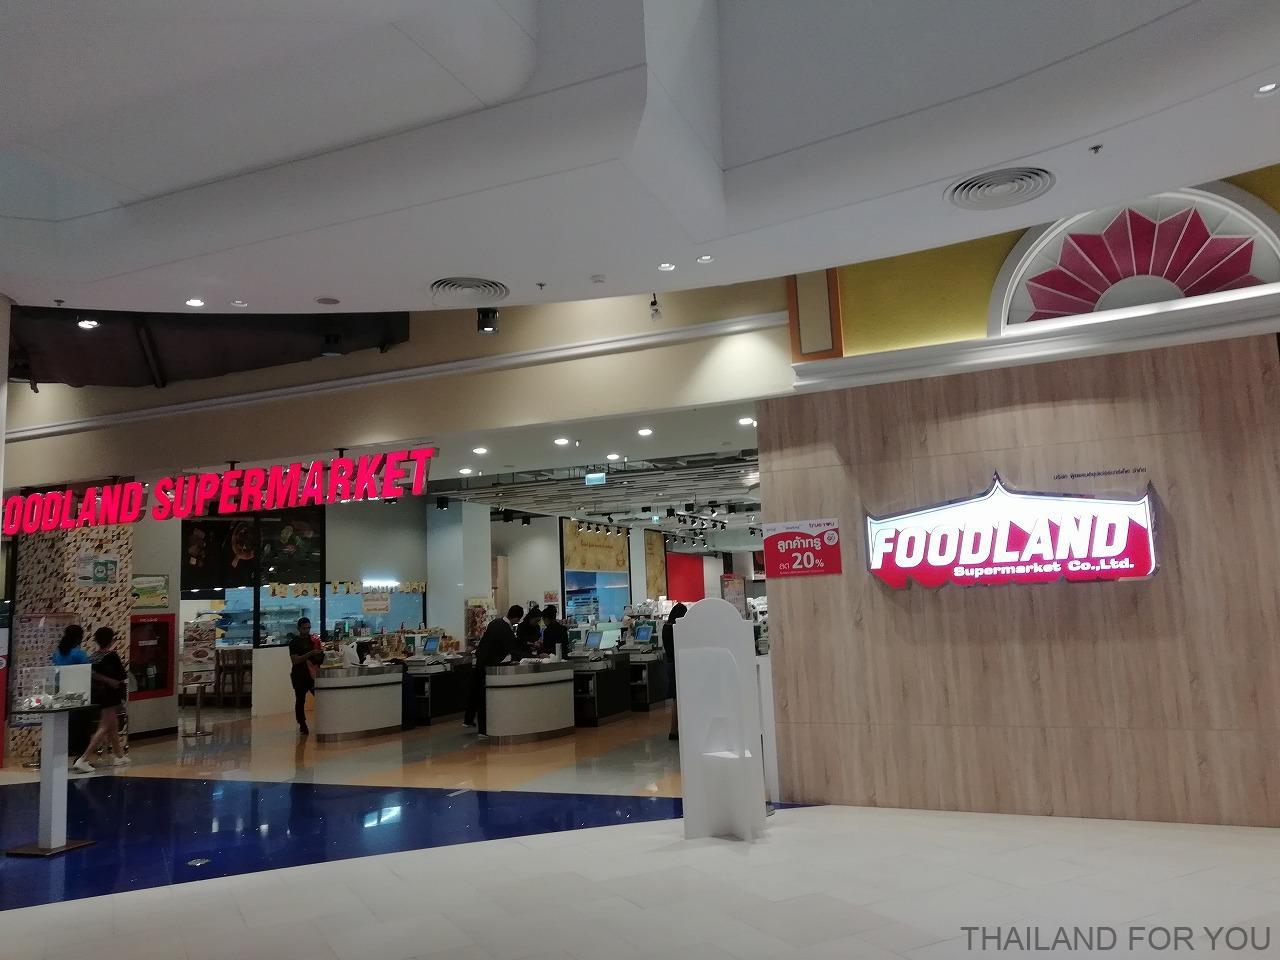 ターミナル21 コラート スーパーマーケット 写真 画像